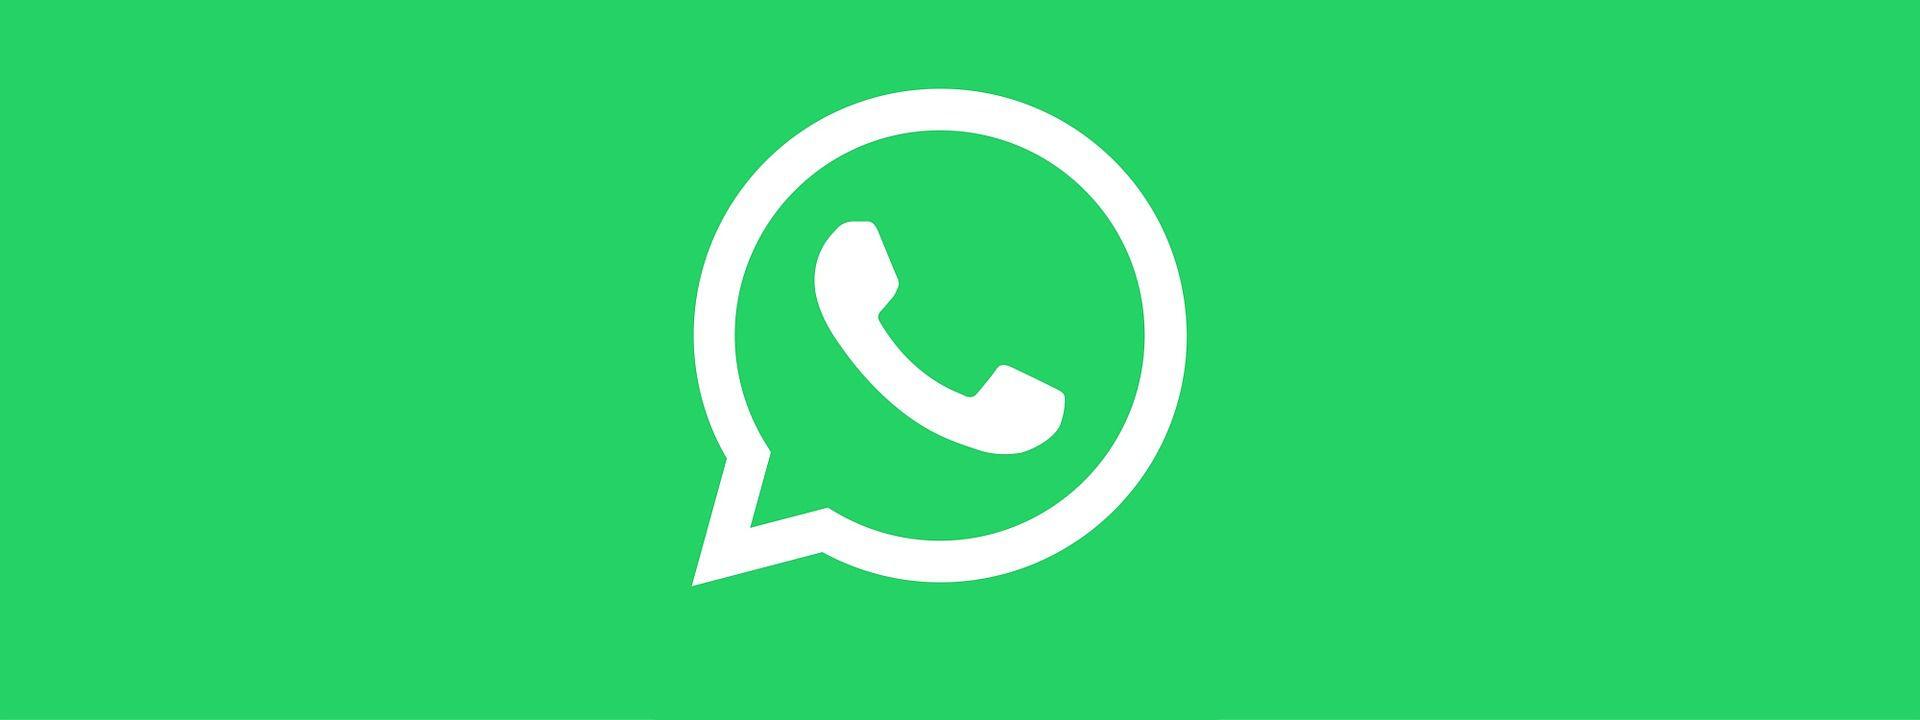 News: Whatsapp kriegt neue Funktionen